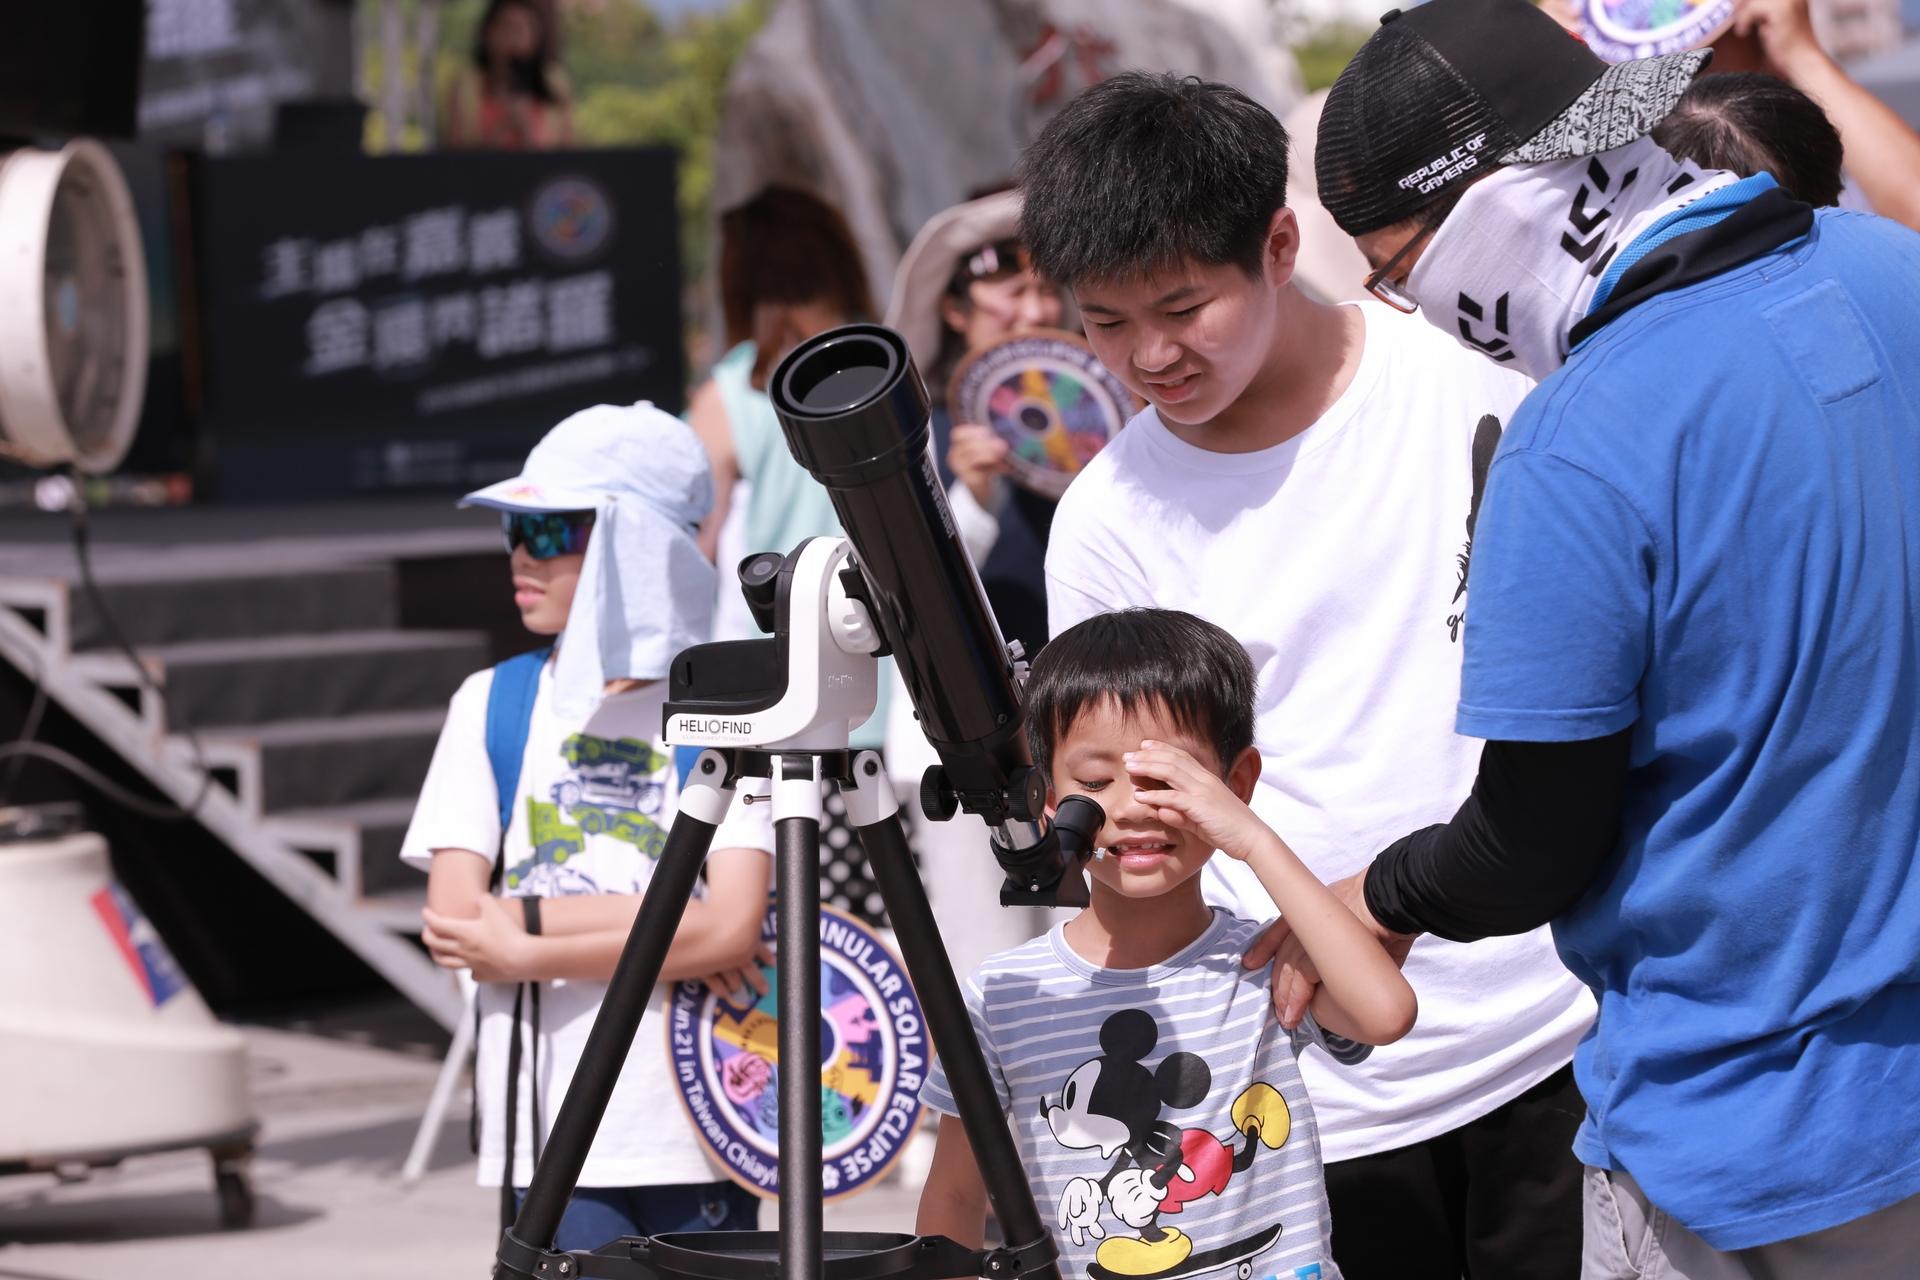 小朋友於嘉義市日環食活動現場用望遠鏡觀測太陽。